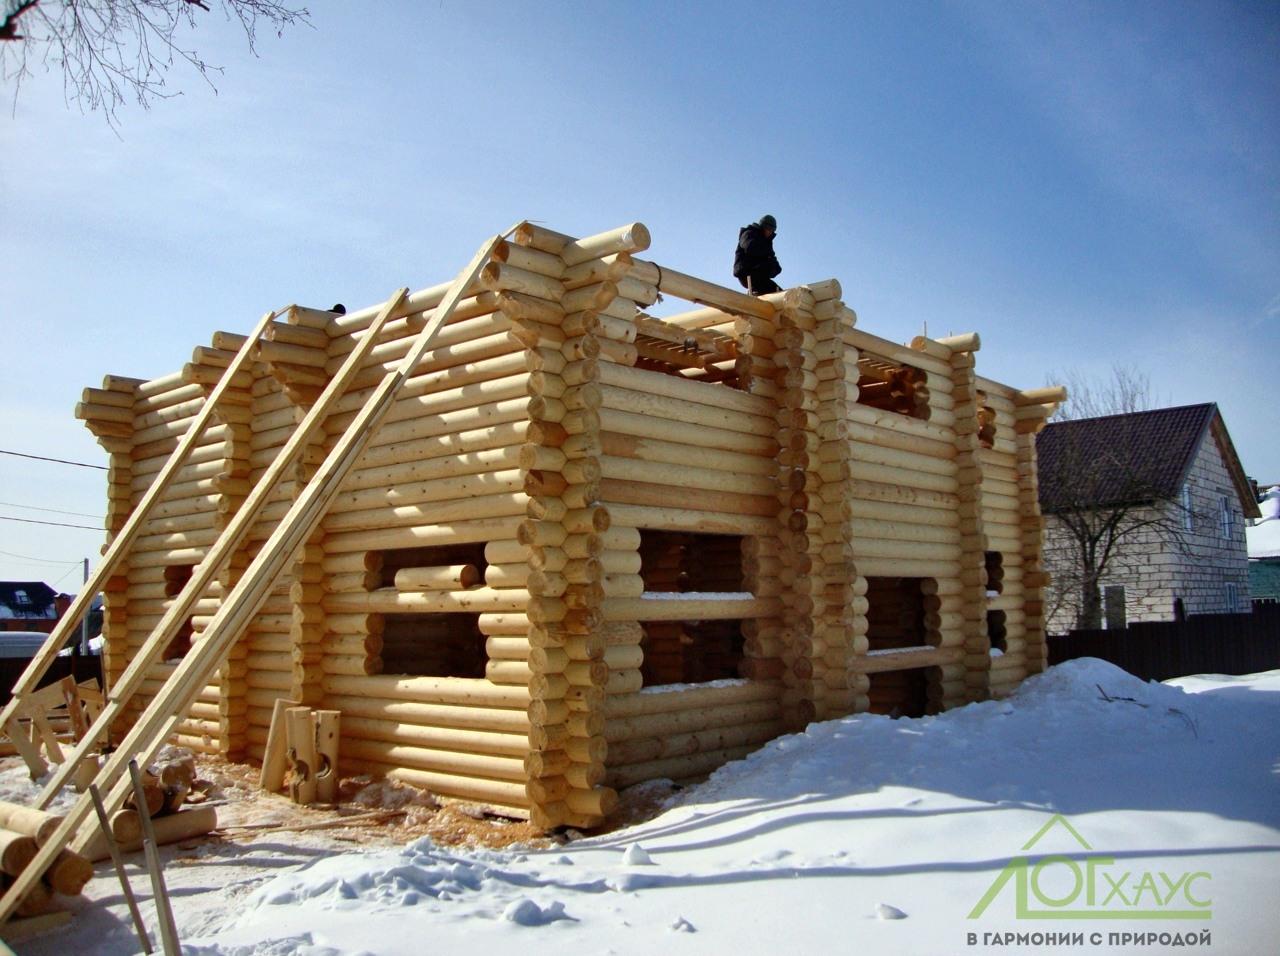 Строительство деревянного сруба из архангельского бревна